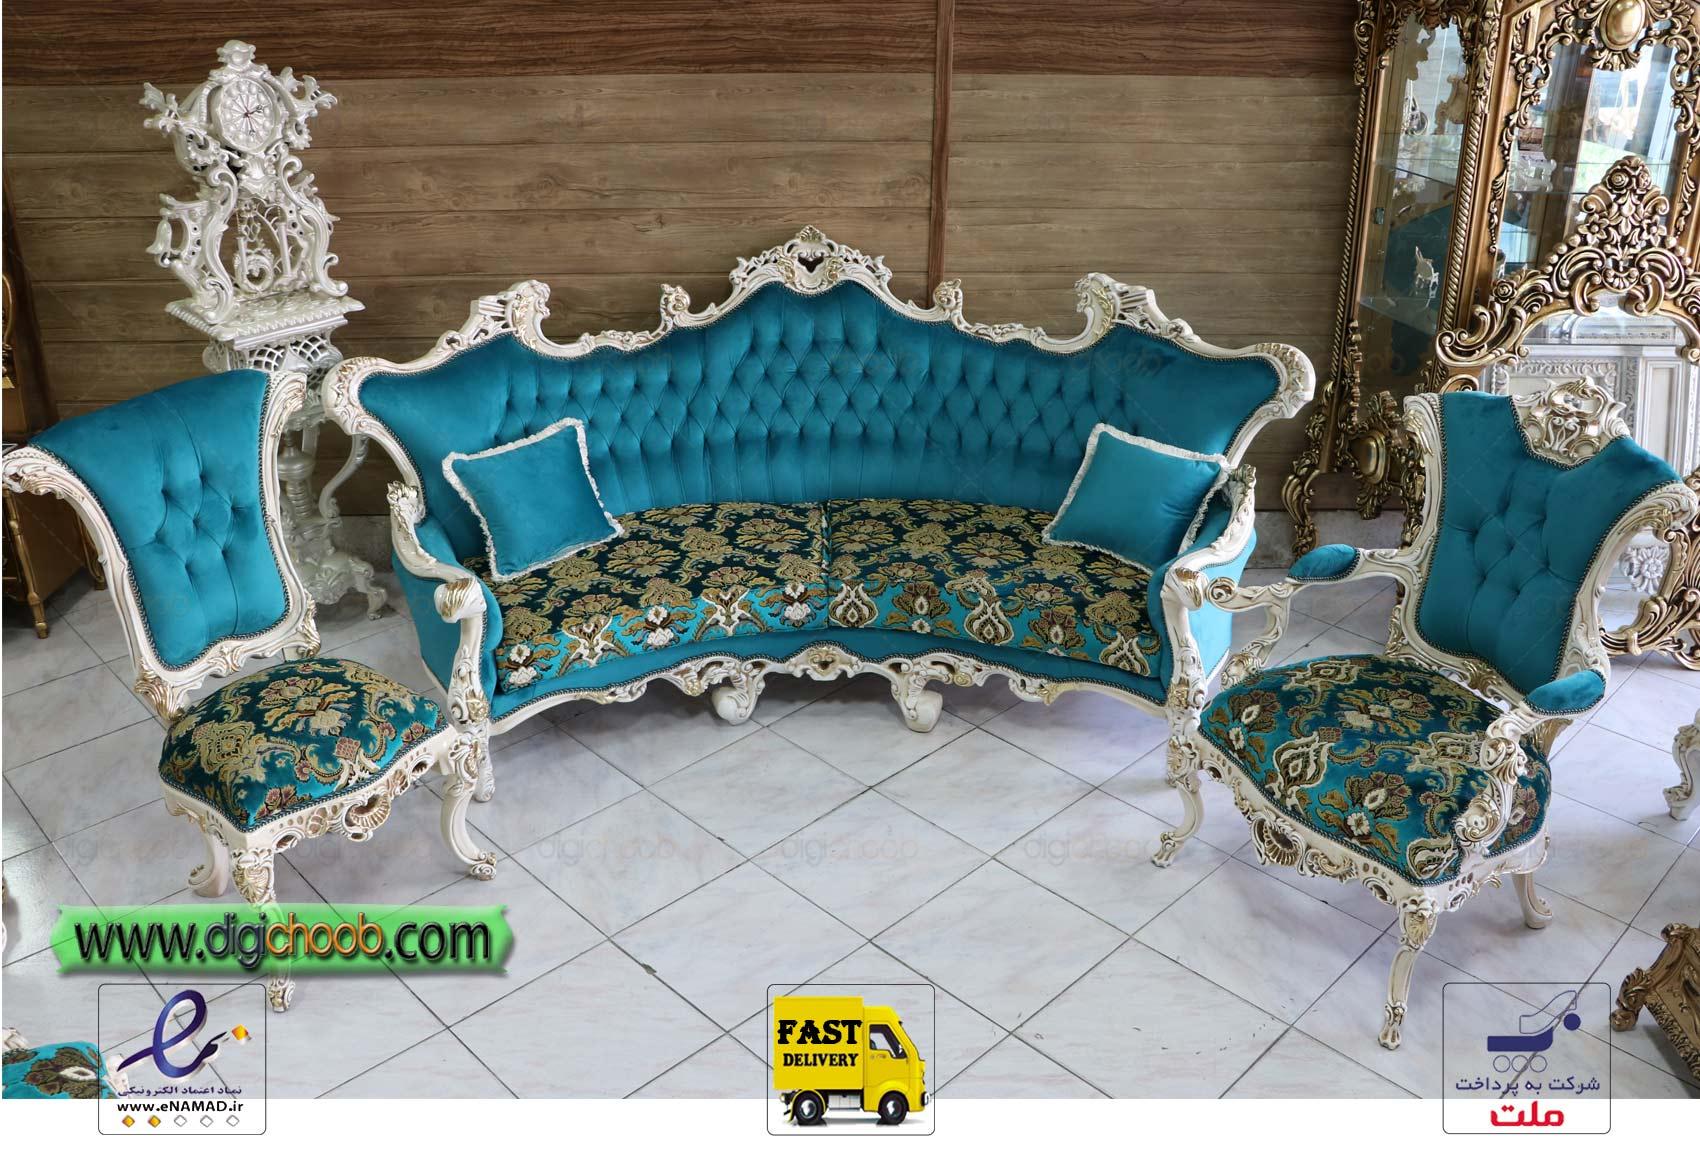 کاناپه گرد مبل سلطنتی امپراطور آماده ارسال برای منزل مشتری